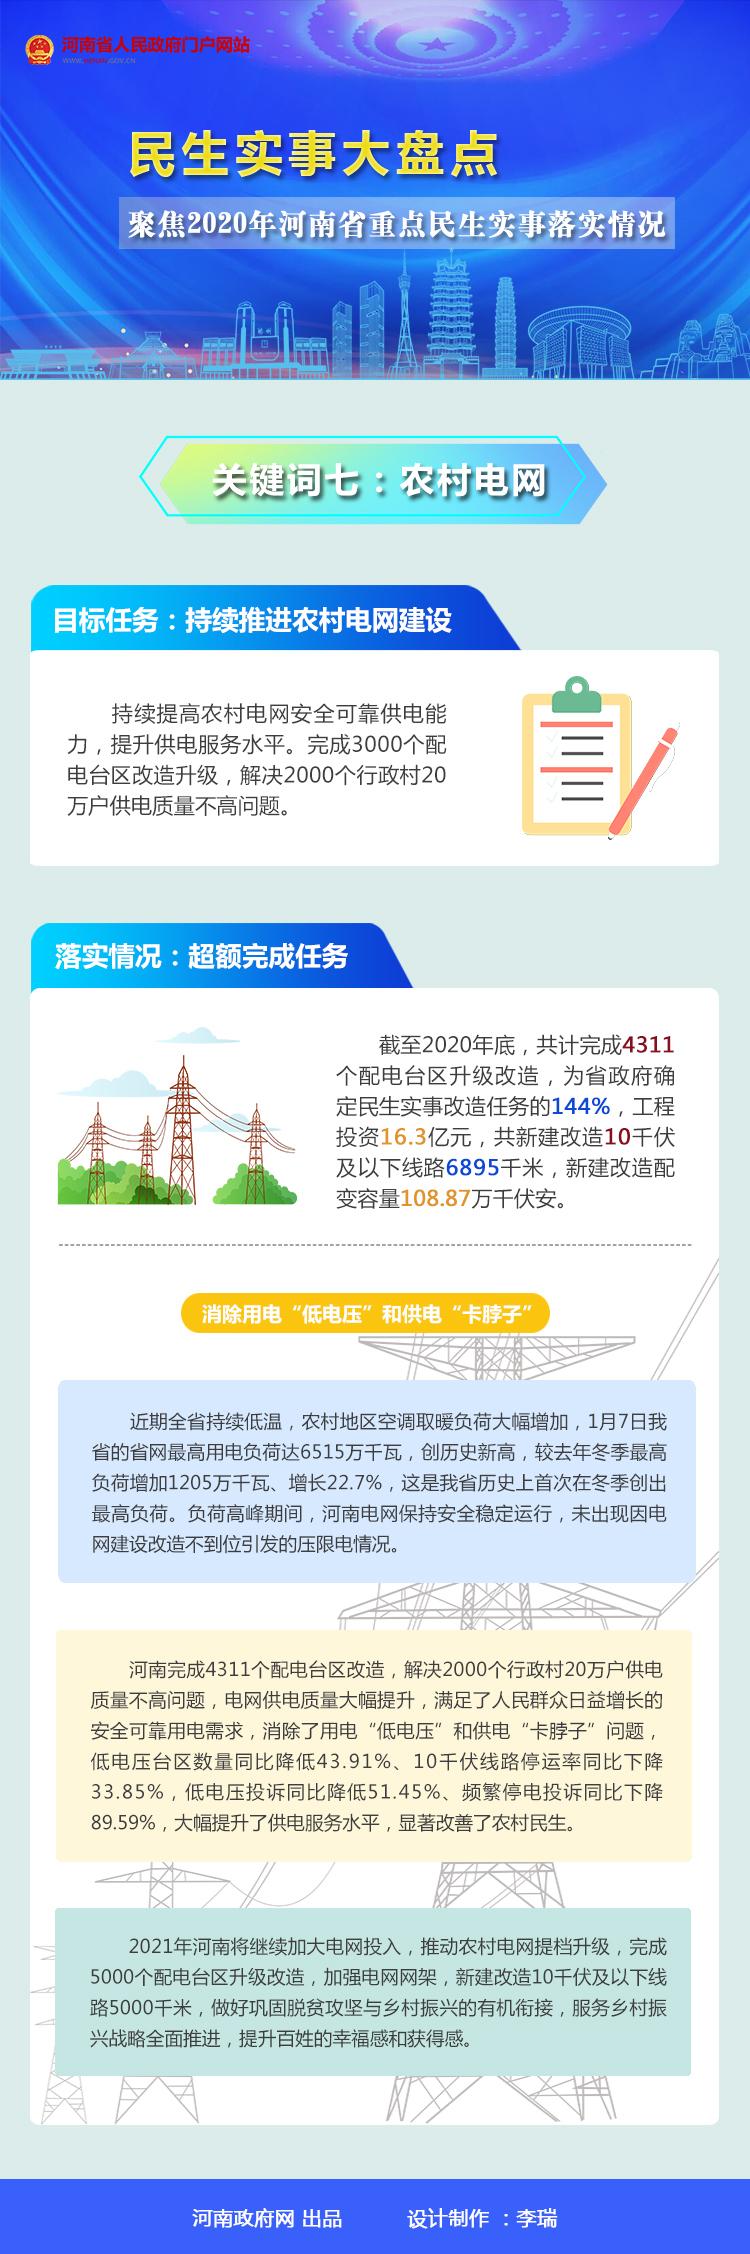 2020年河南省民生实事大盘点之七:2020年河南完成4311个配电台区改造